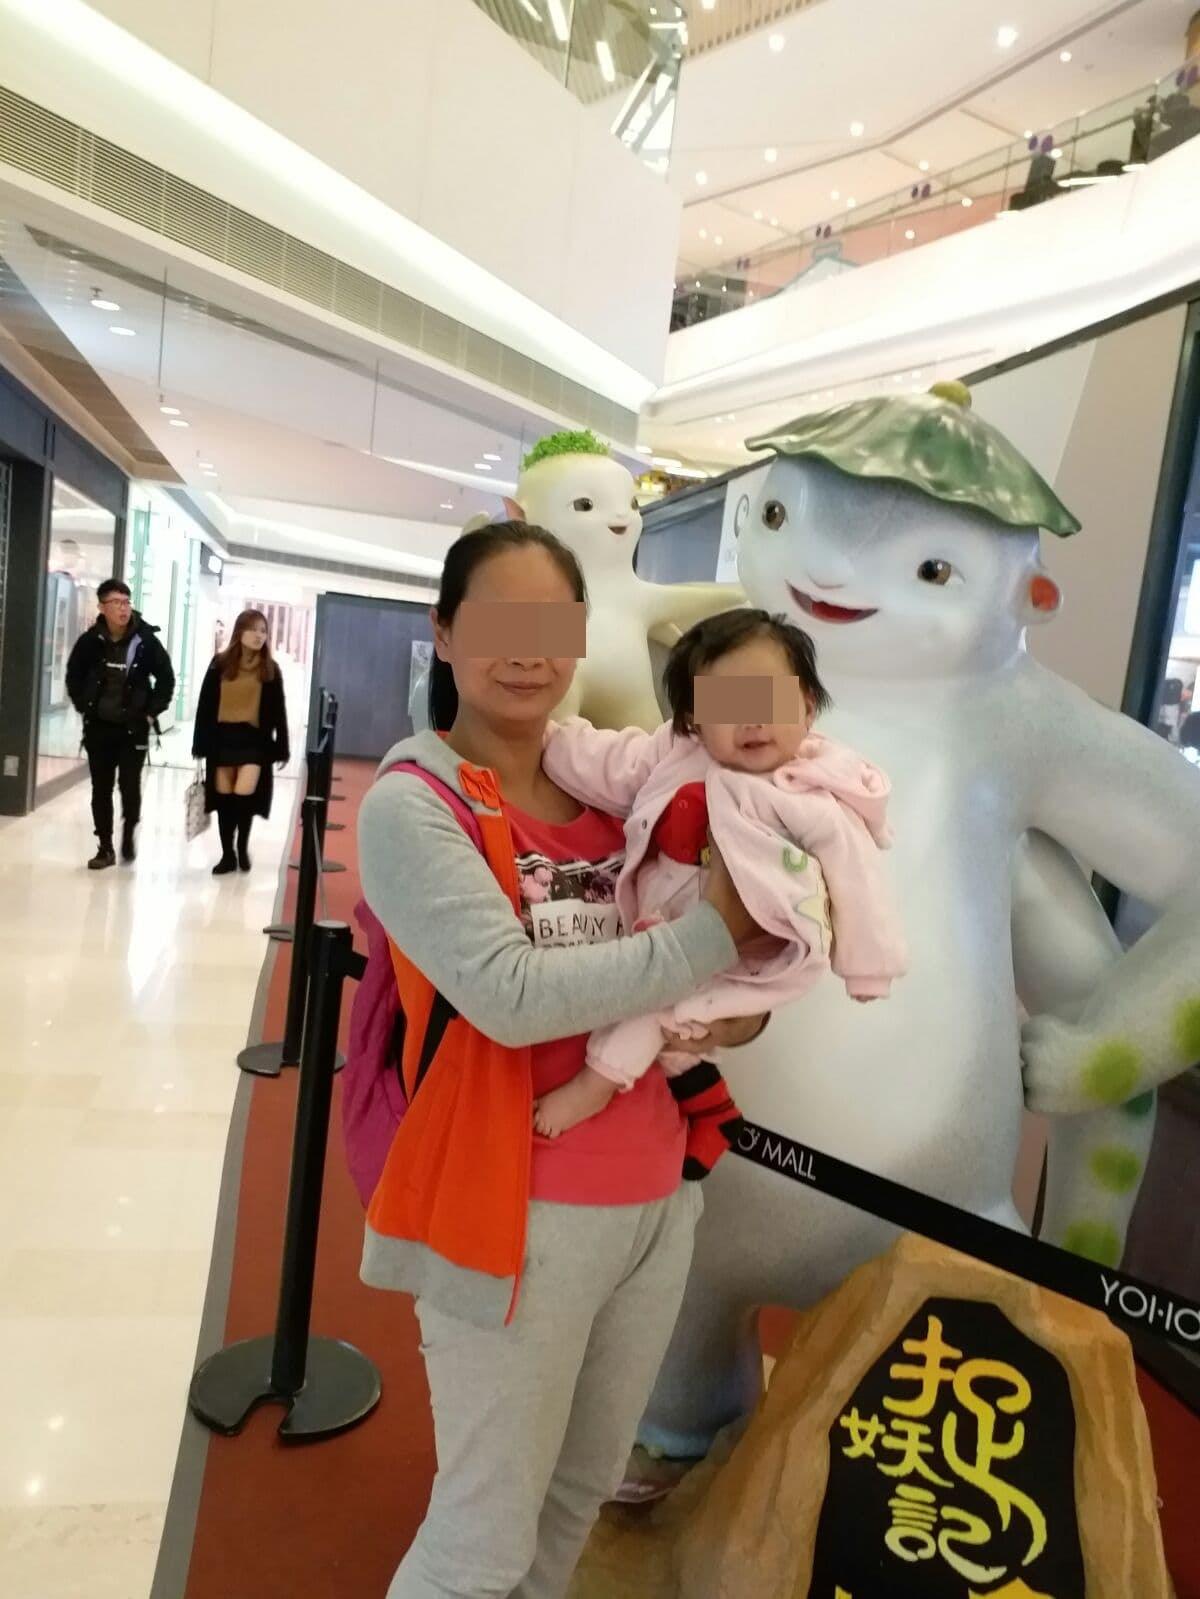 【街頭搶孫】孫女「失蹤」元朗重遇 香港嫲嫲內地外婆街頭爭孫 - 香港 TIMES